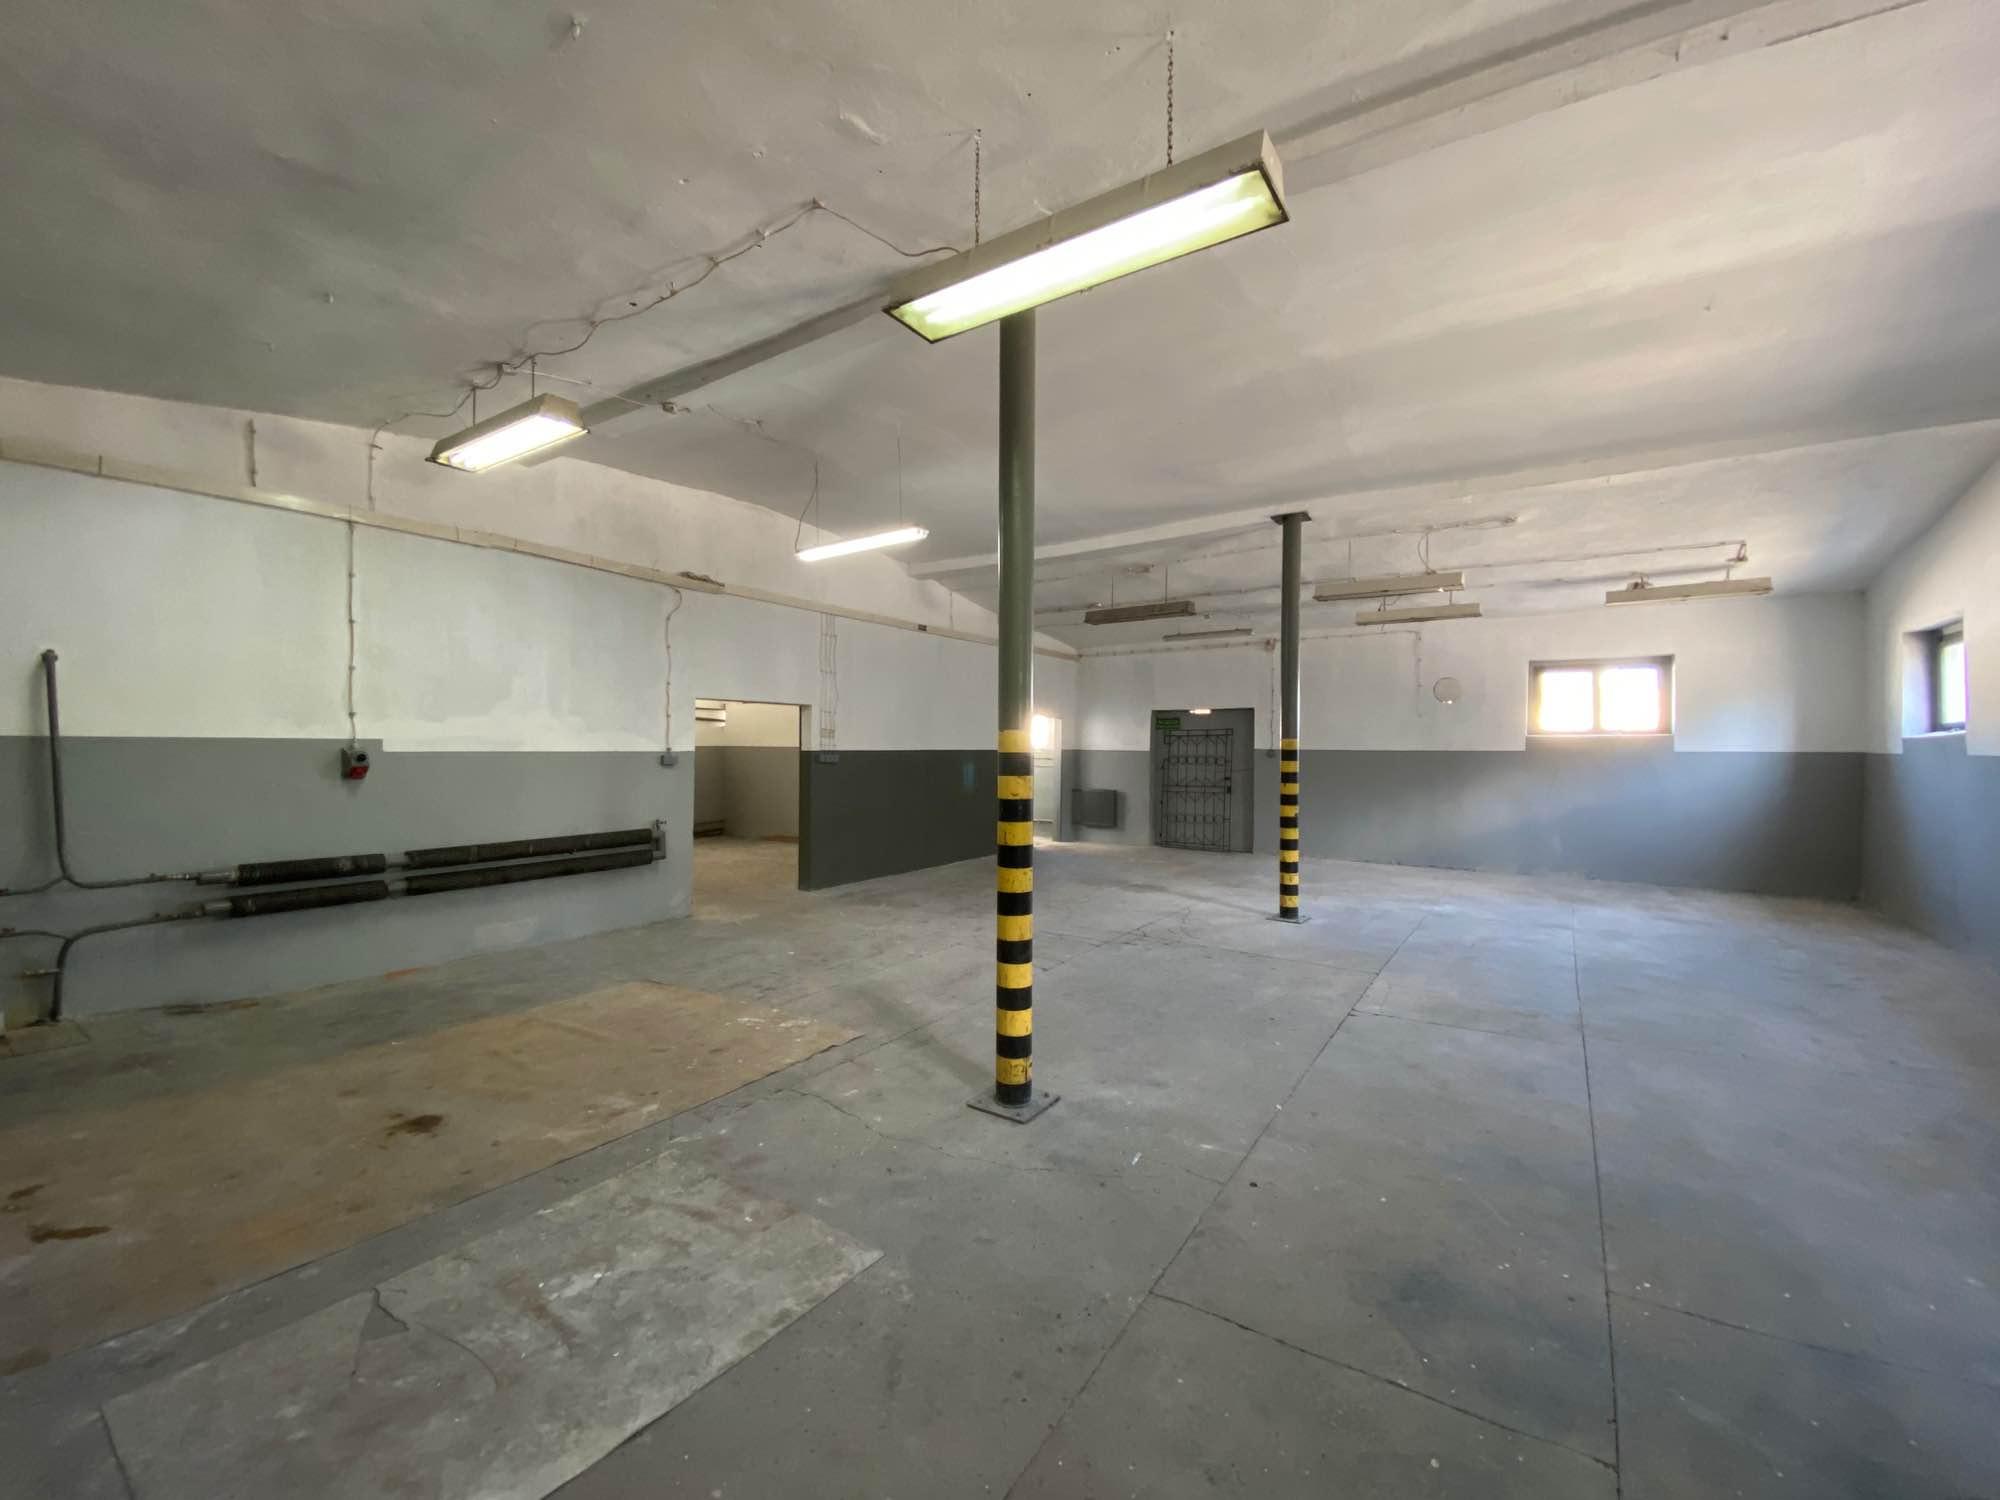 hala produkcyjna z obiektem biurowym Krapkowice - zdjęcie 2